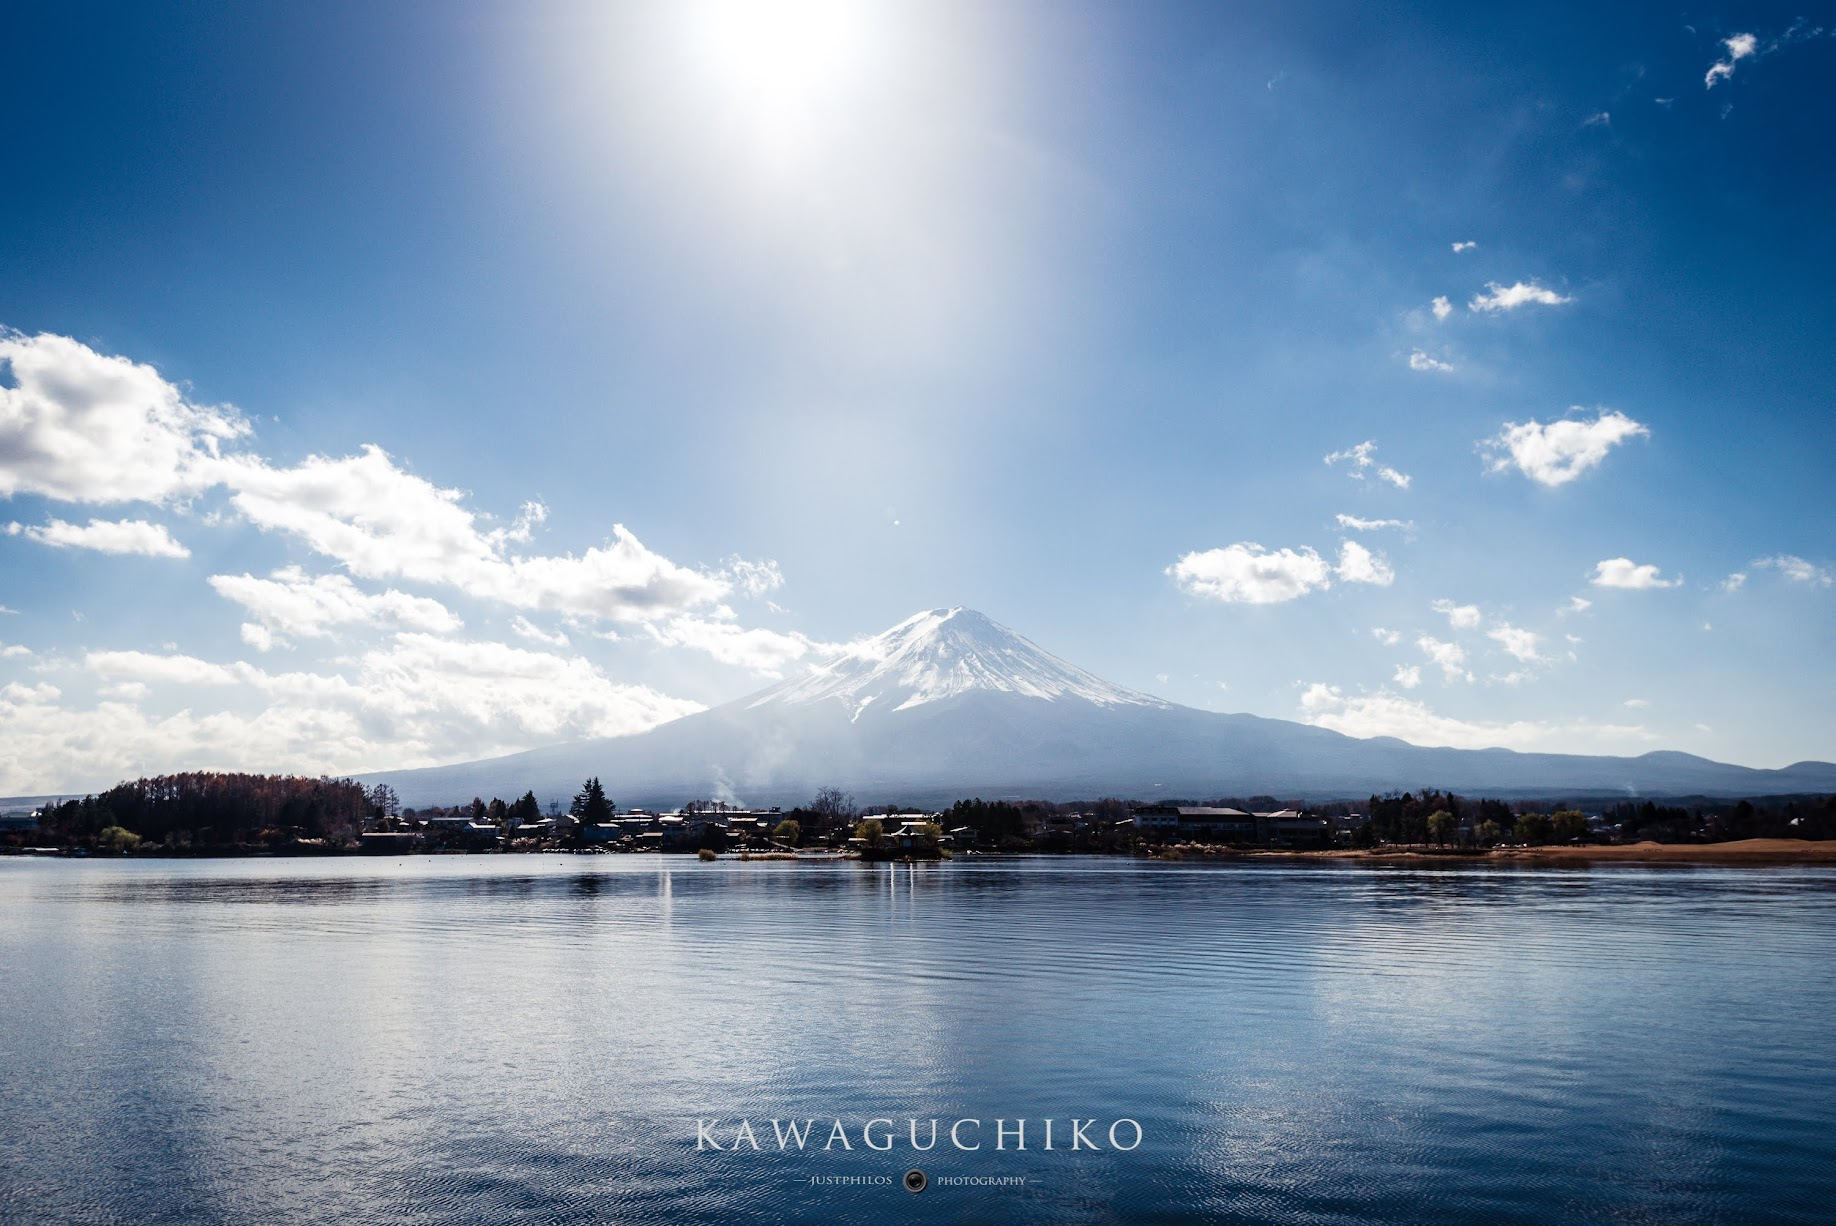 富士山河口湖是可以近距離眺望富士山的地方。